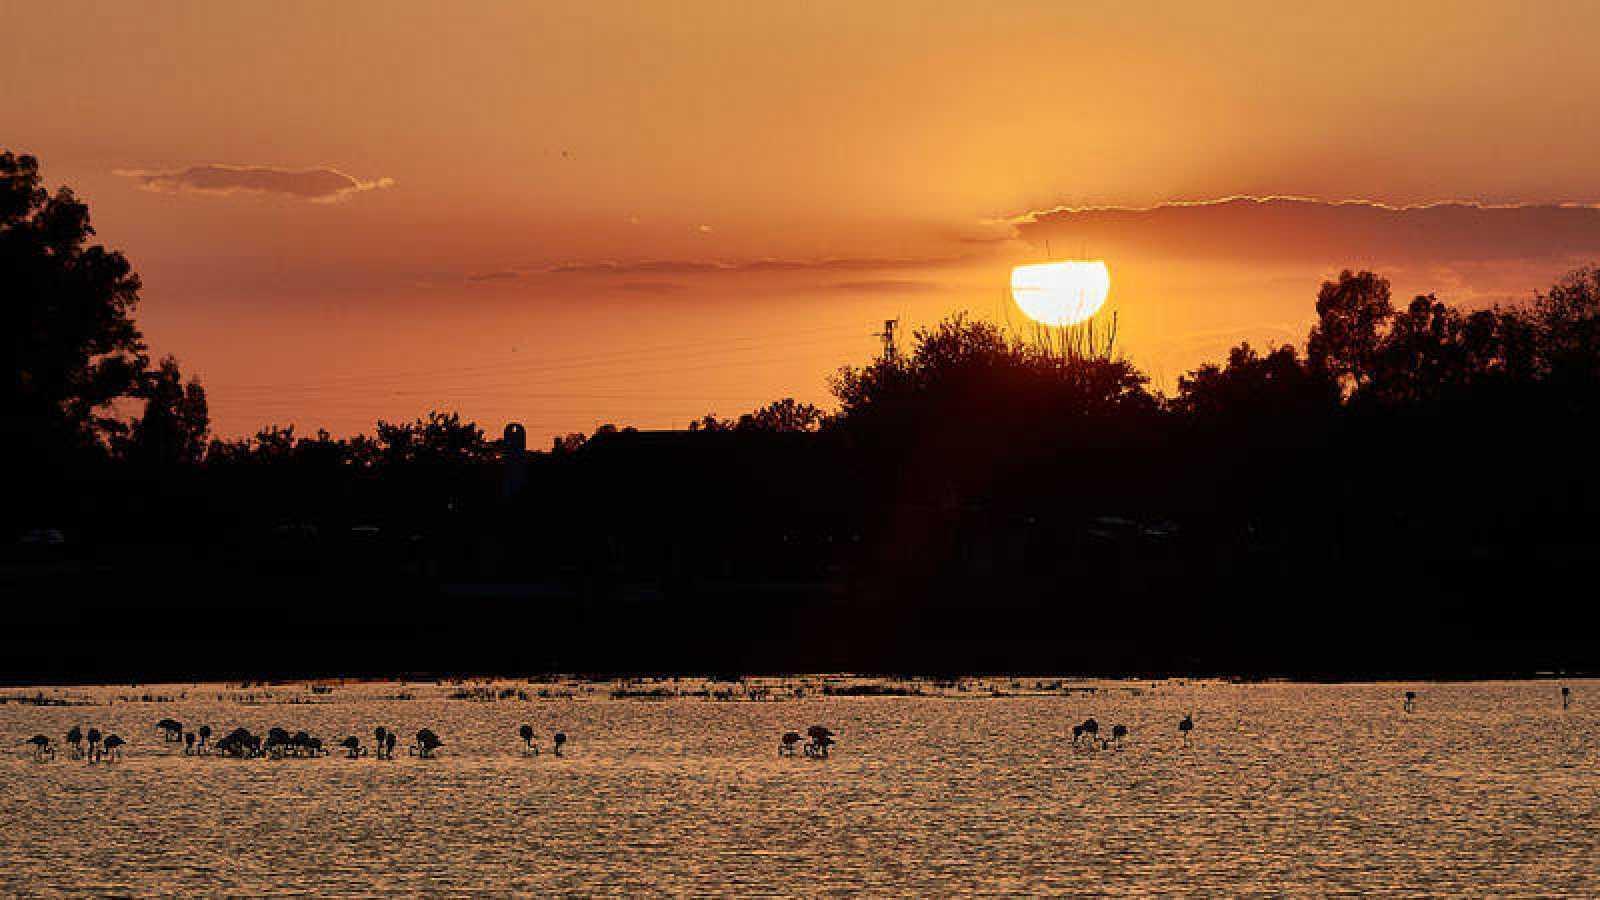 El Parque Nacional de Doñana cumple este miércoles 50 años, los que han transcurrido desde que, el 14 de agosto de 1969, el Consejo de Ministros acordara la declaración de este emblemático espacio, cuya conservación es de especial interés dada la bio